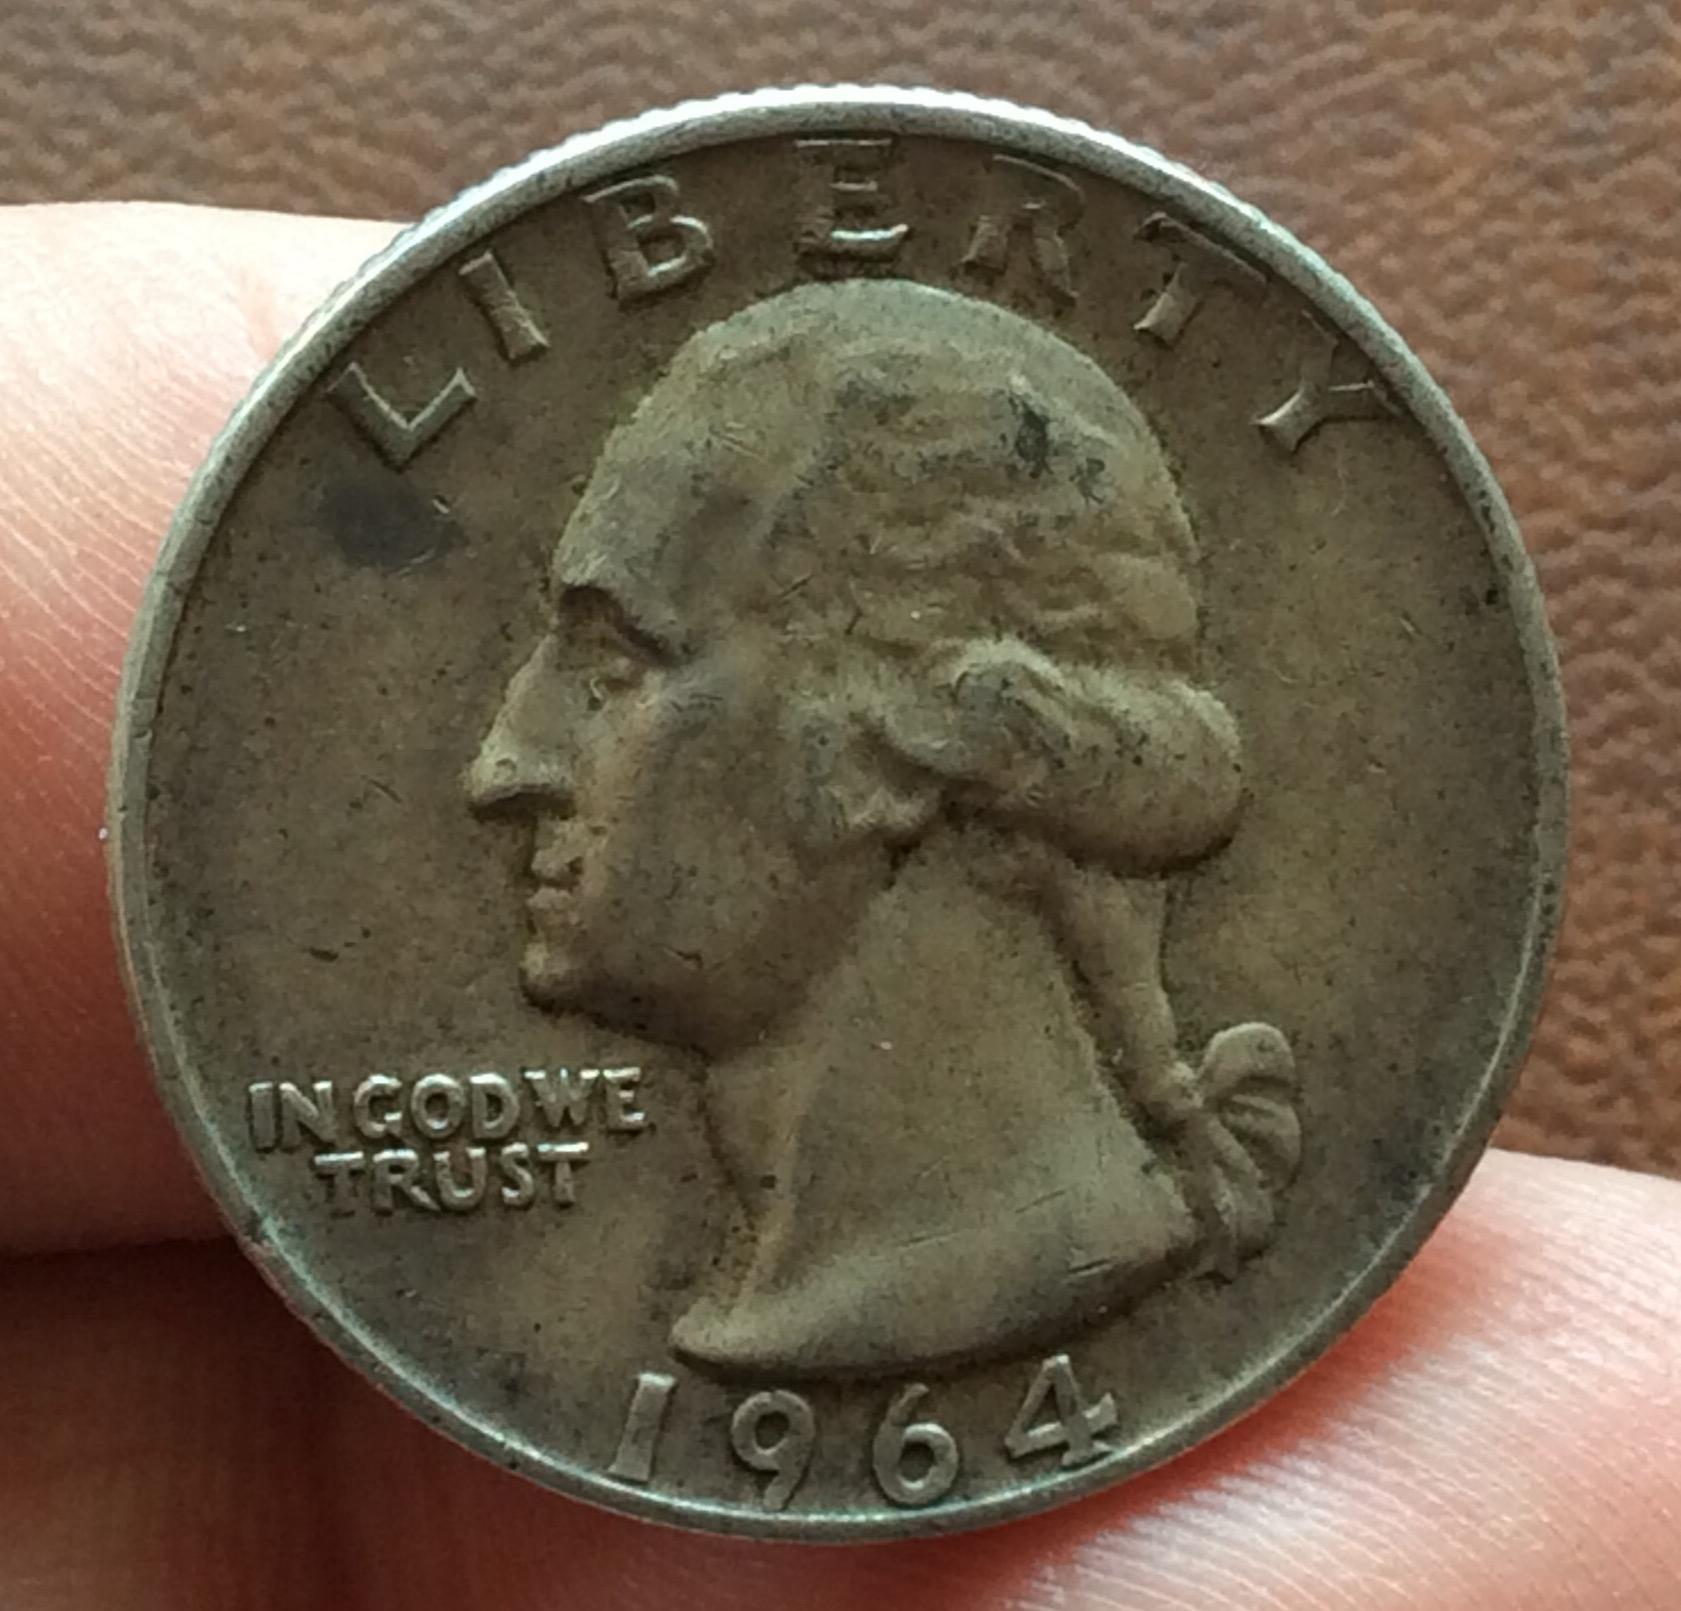 QUARTER DOLLAR DE PLATA DE 1964 - G.WASHINGTON - PHILADELFIA